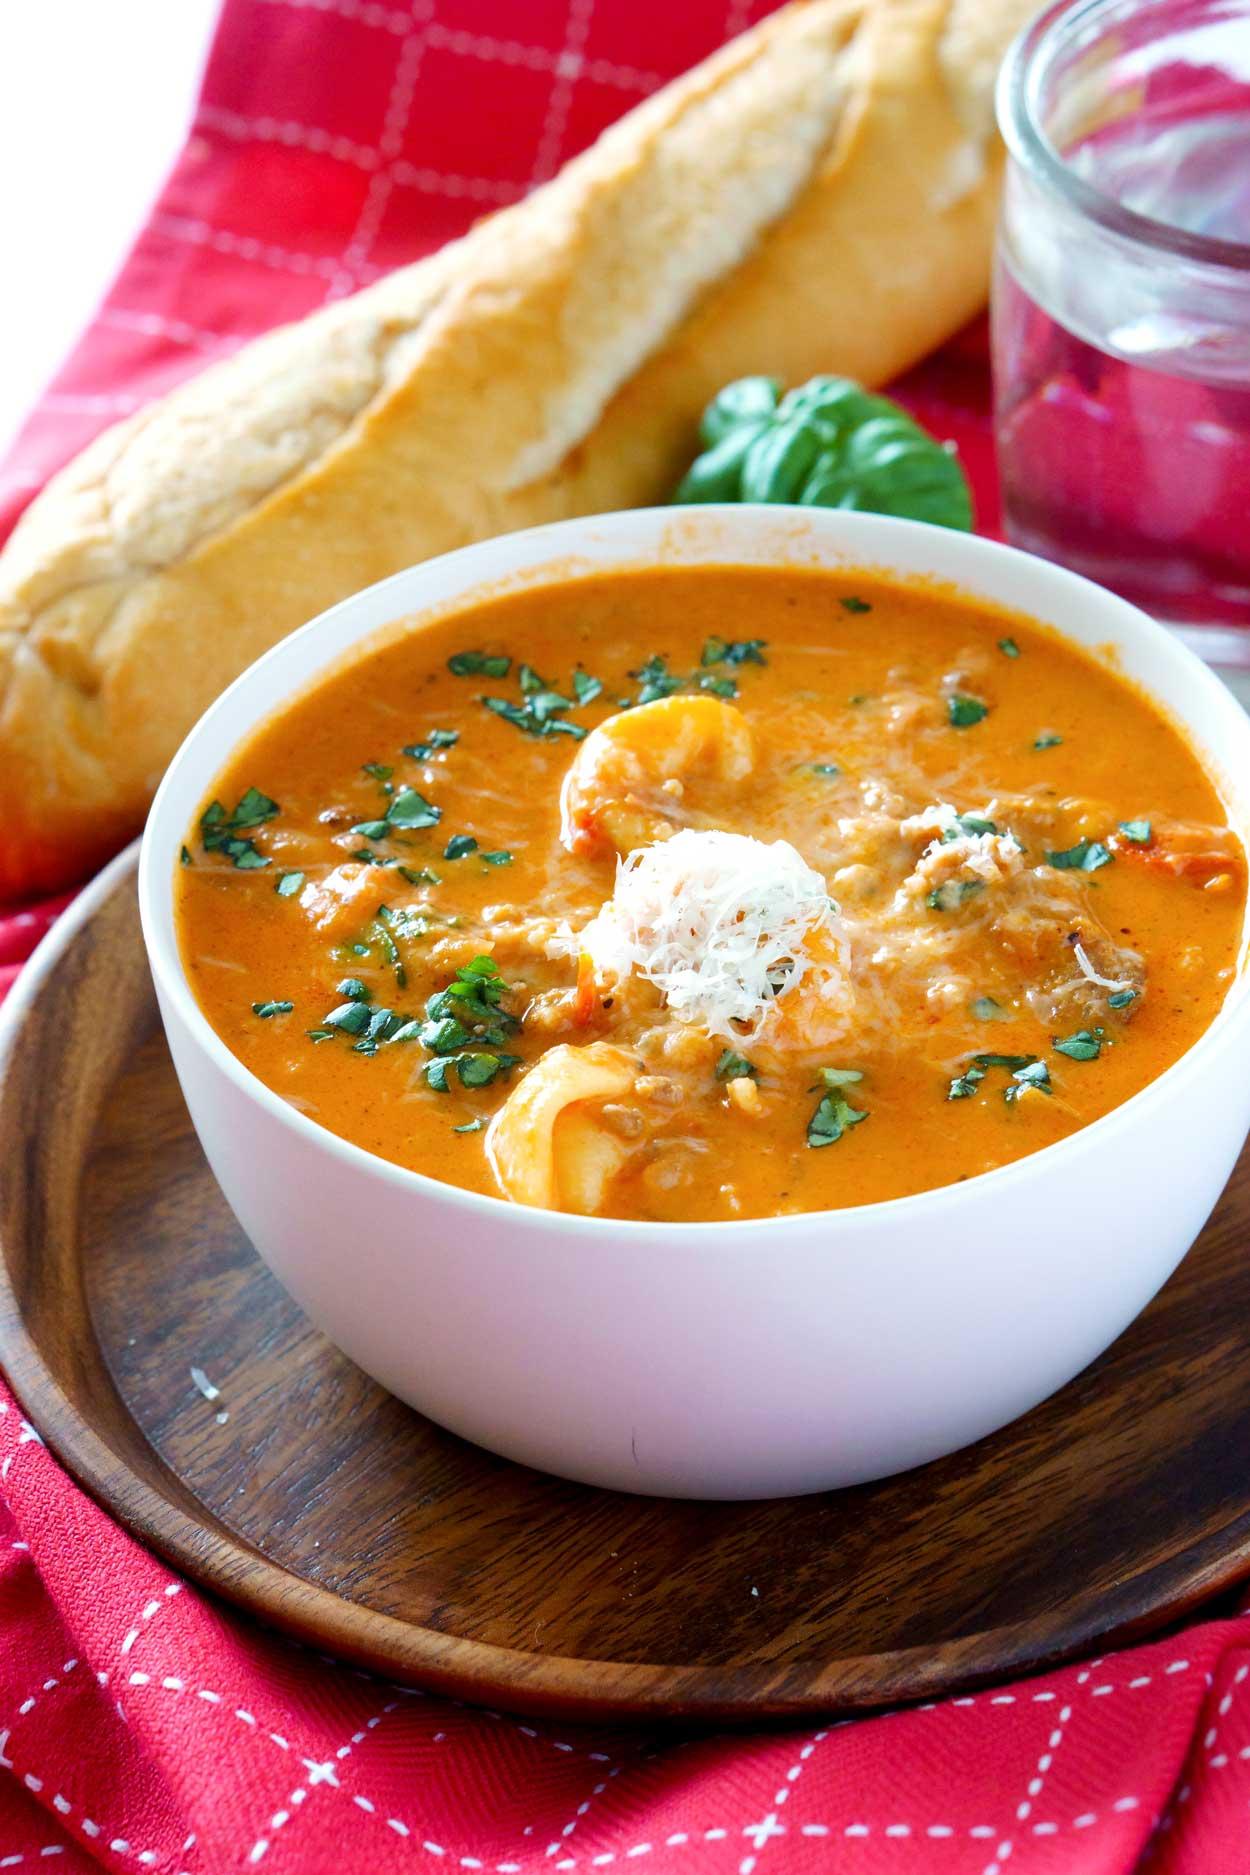 Best-ever Creamy Tomato Tortellini Soup recipe